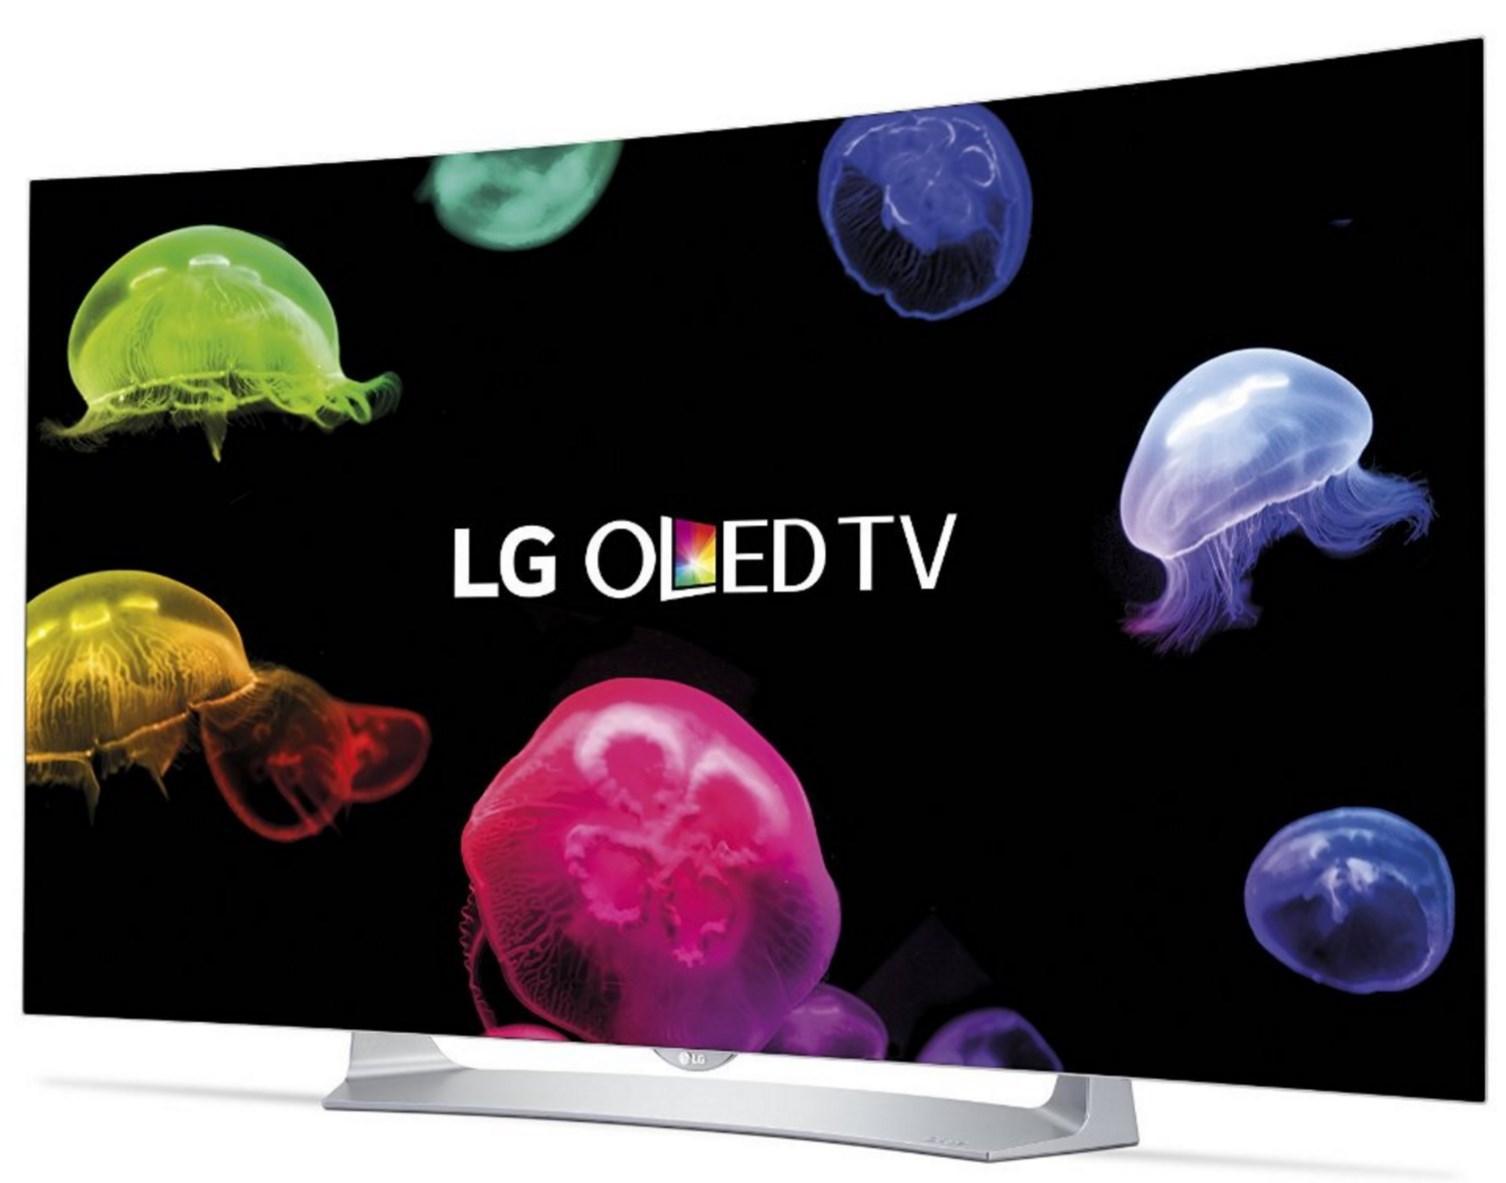 """TV 55"""" LG55EG910V - FullHD, Oled, Smart TV, Wifi, 3D, incurvé"""